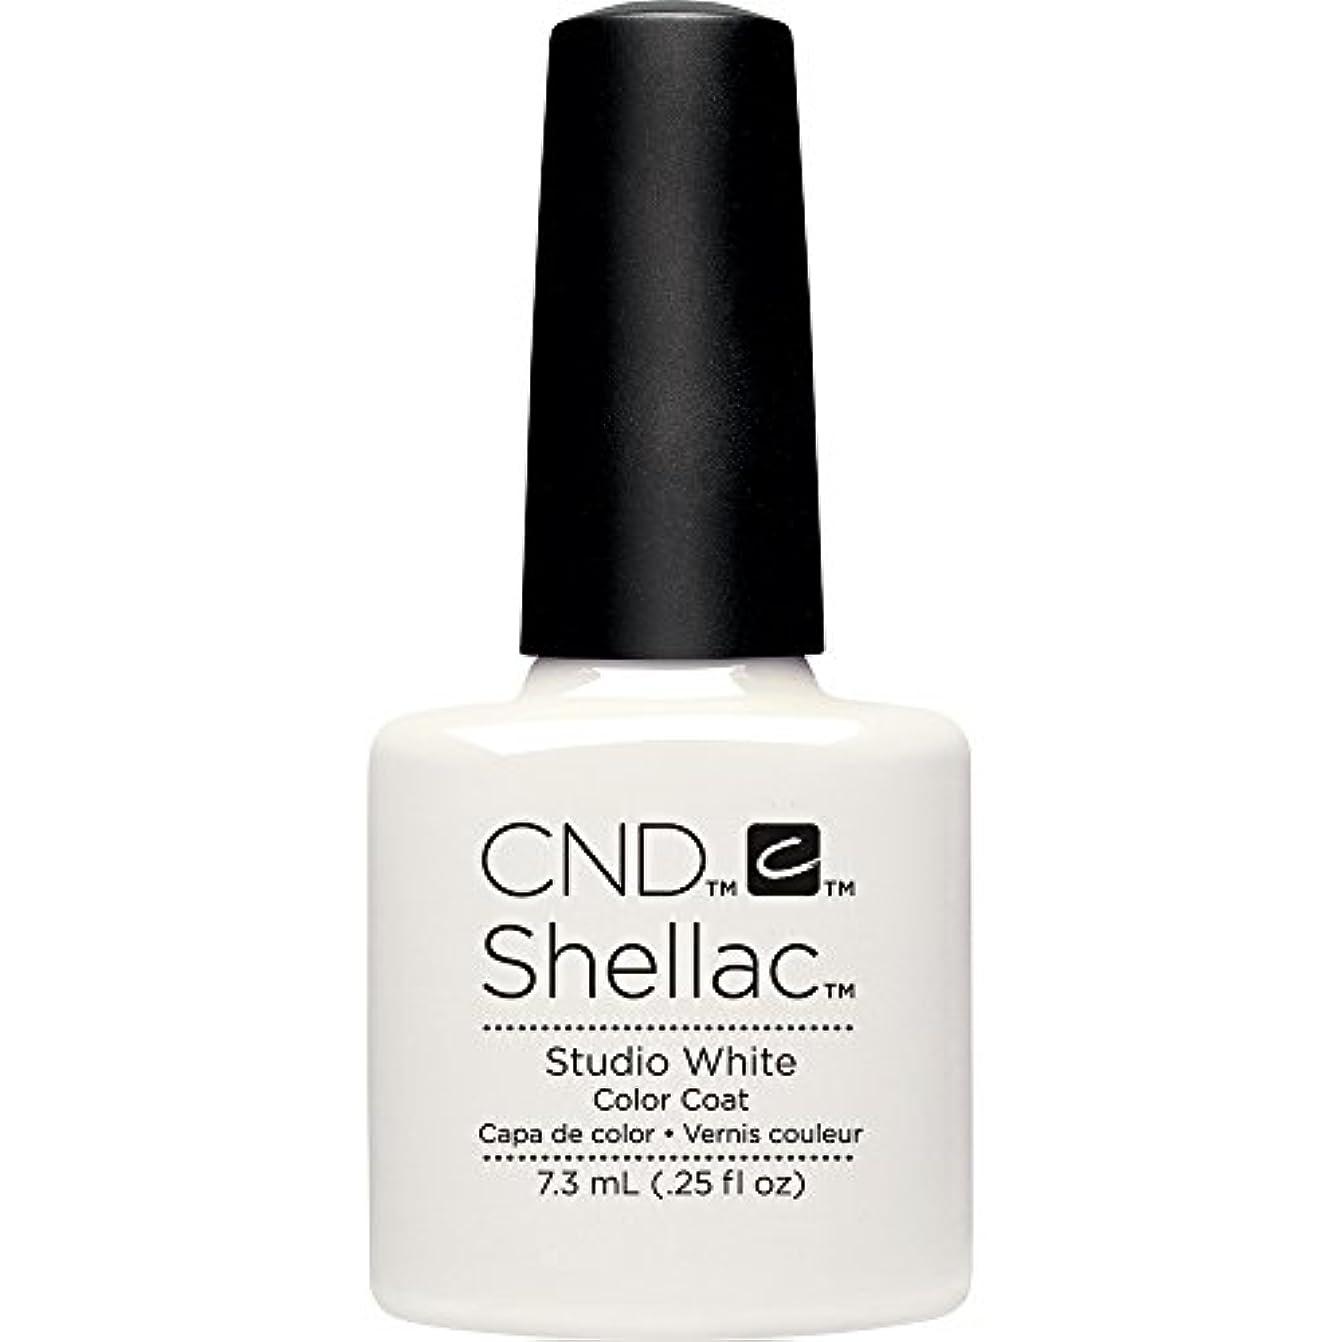 骨髄石灰岩細分化するCND(シーエヌディー) シェラック UVカラーコート7.3mL 526 Studio White(マット)